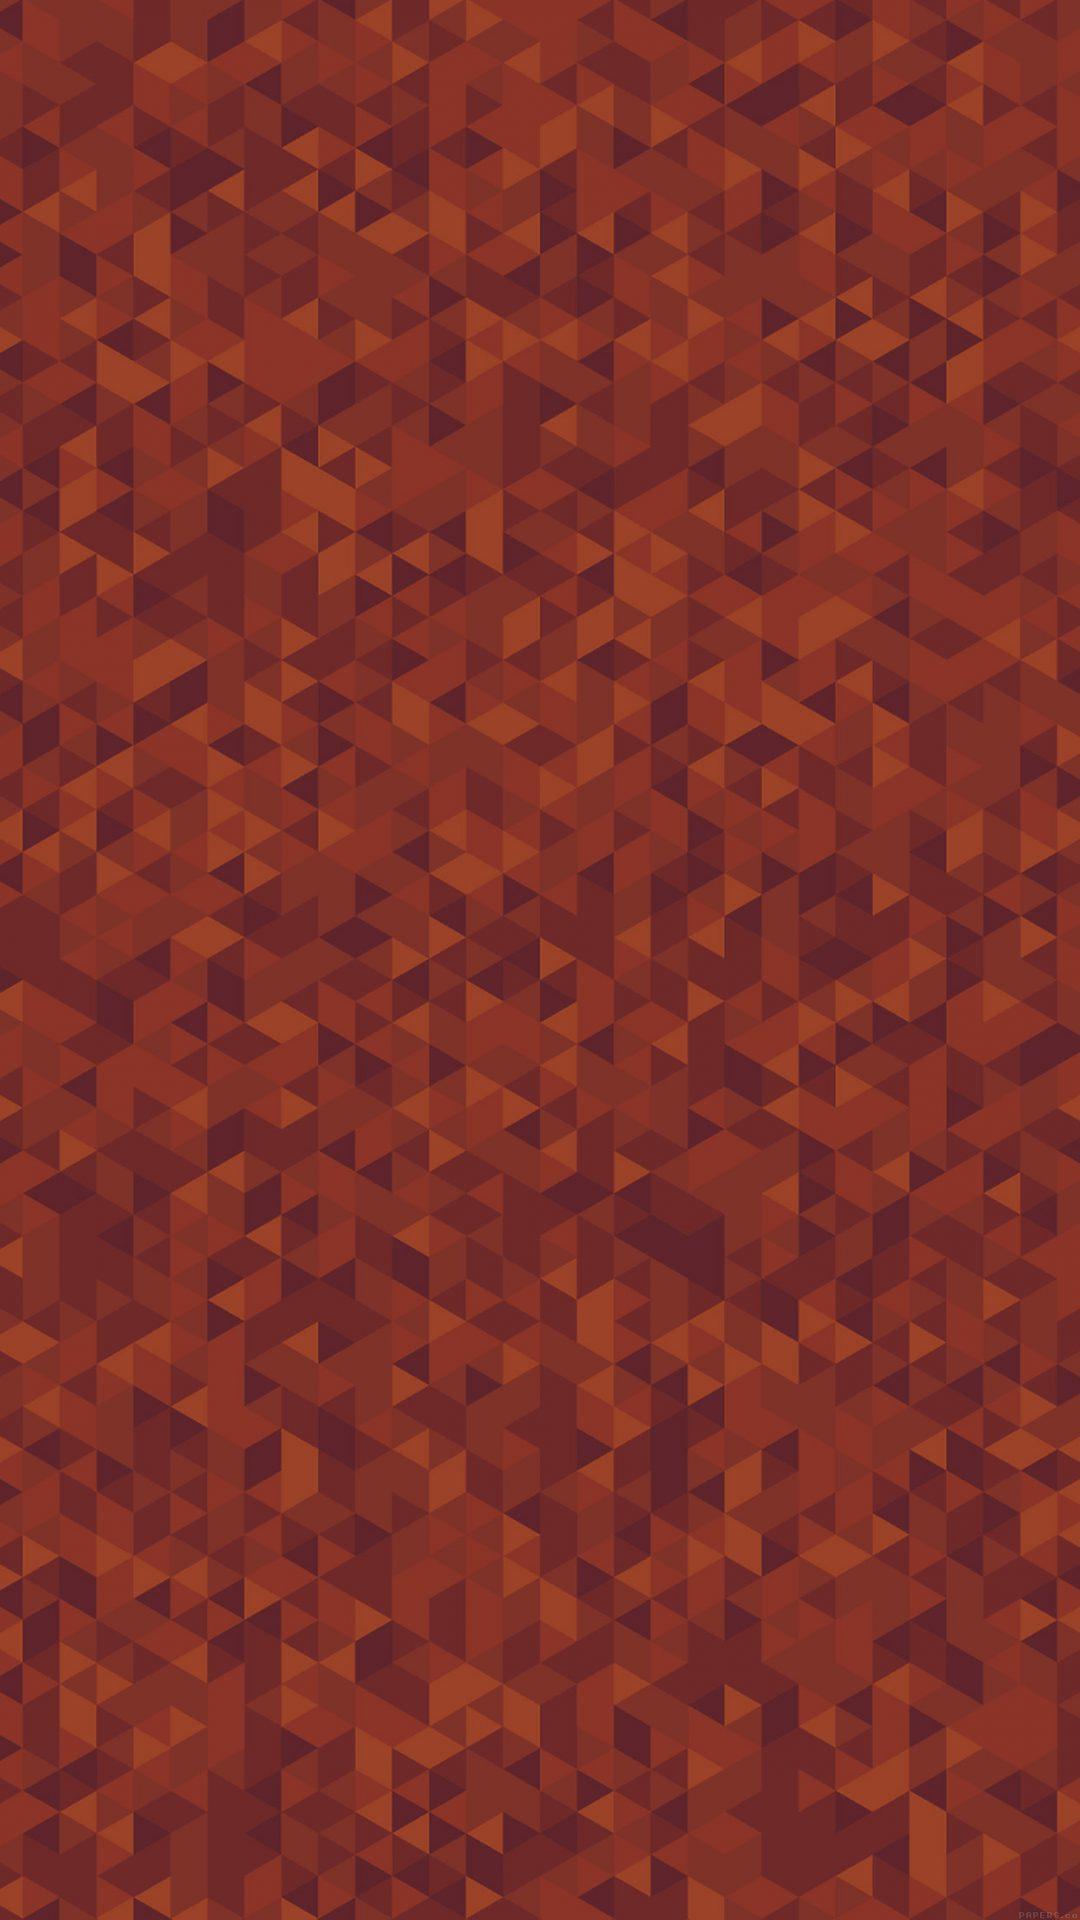 Diamonds Abstract Art Orange Pattern